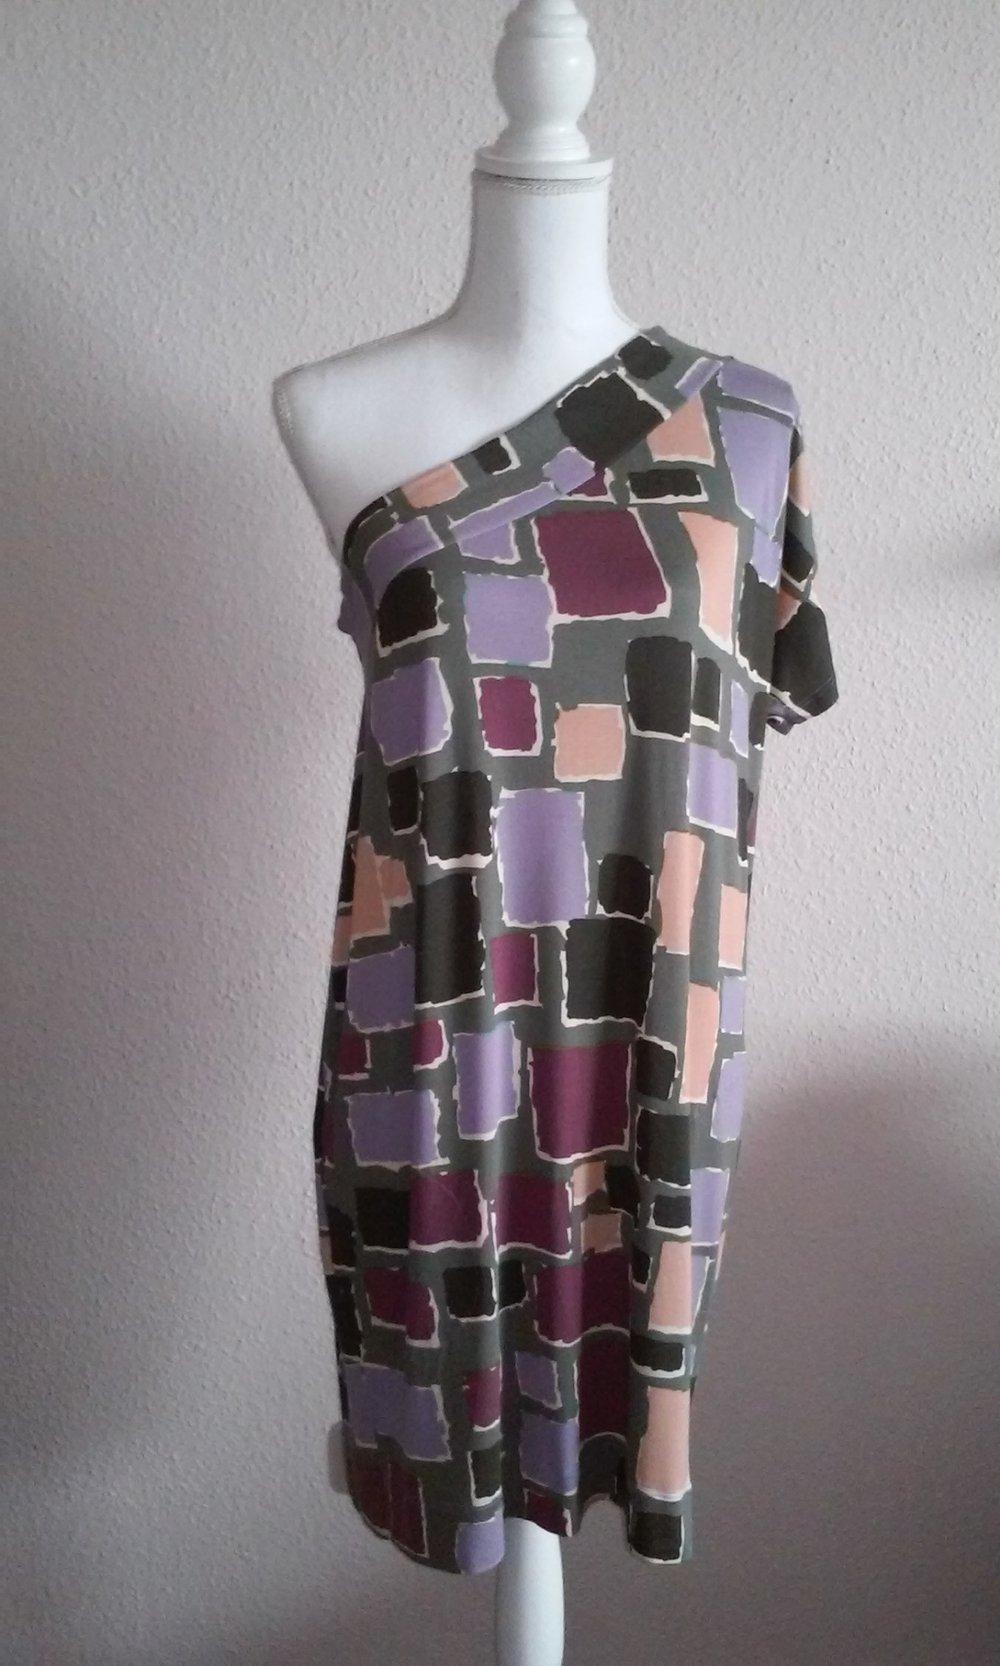 Stile Benetton Kleid Sommerkleid Partykleid Tunika asymmetrisch ...